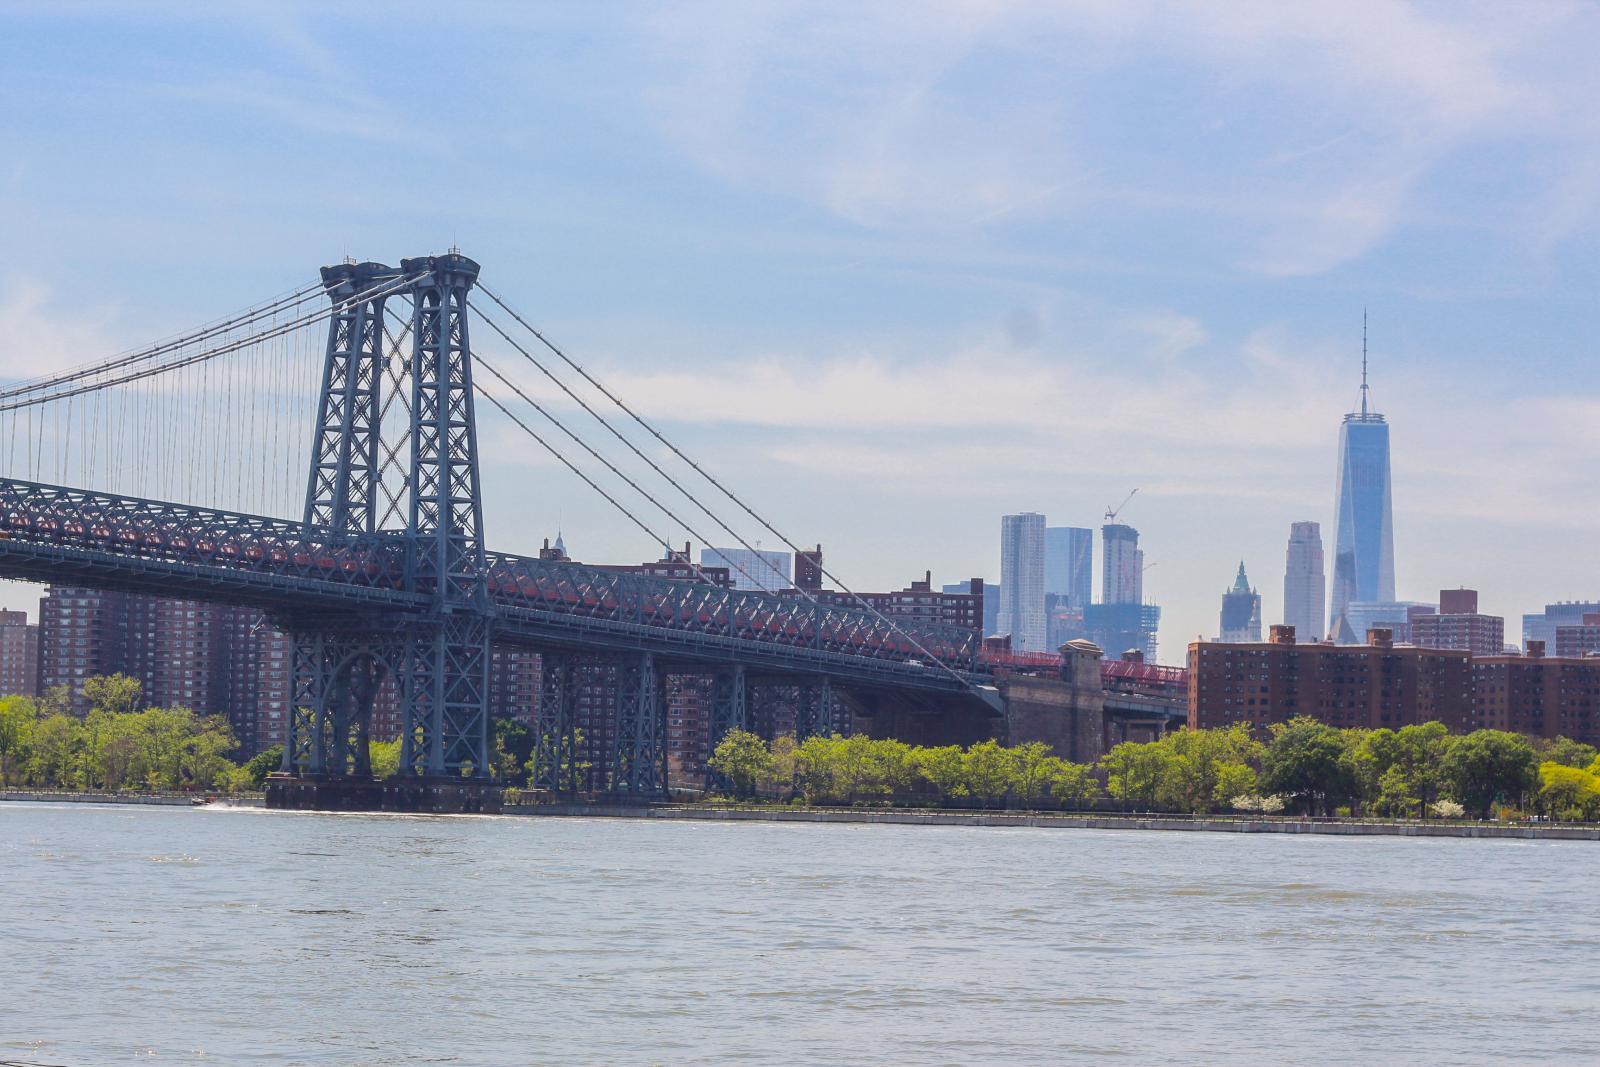 williamsburg-bridge-nueva-york-161028101057034